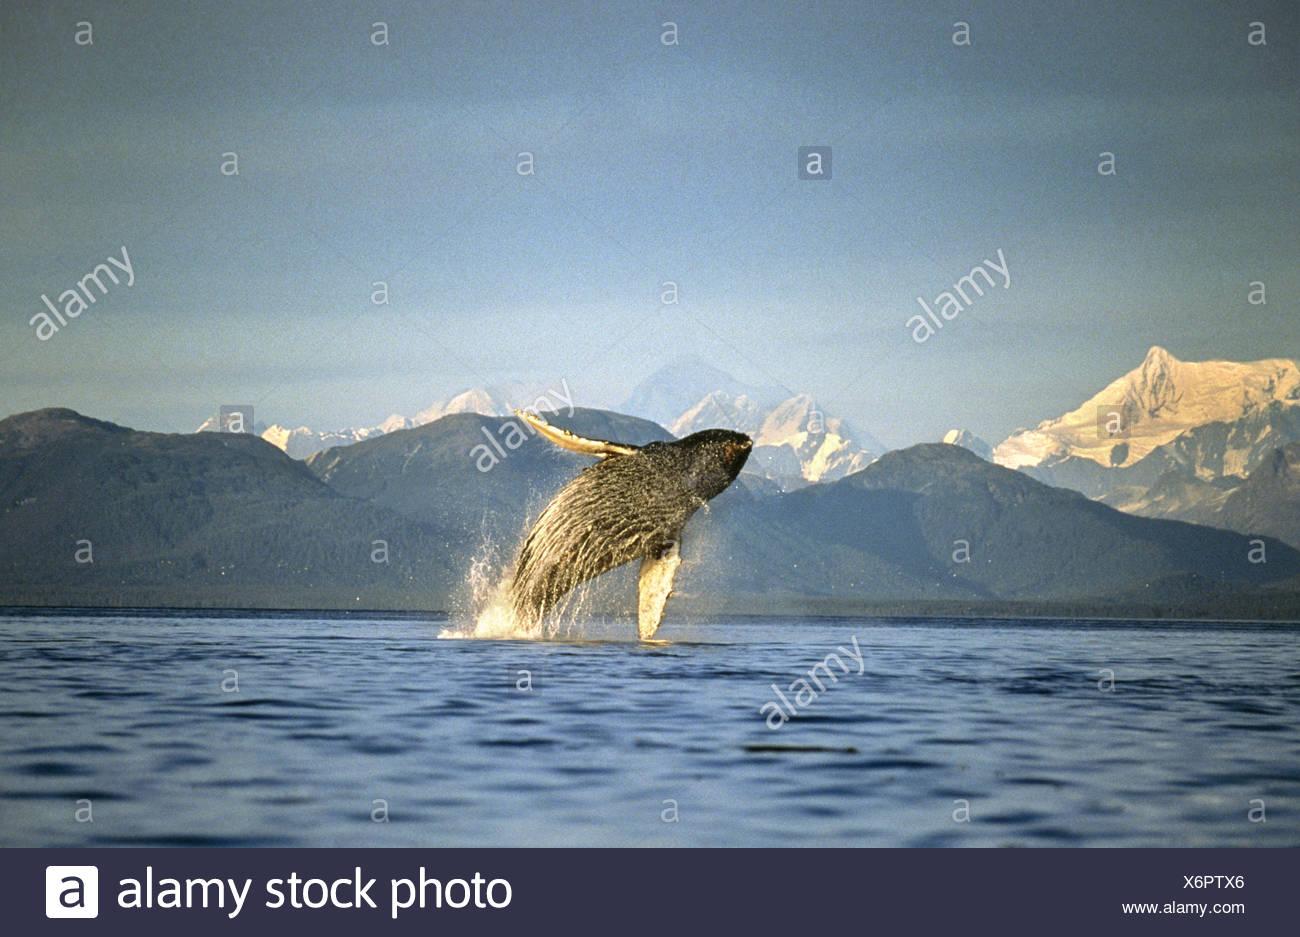 Ballena Jorobada saltando, hielo estrechos, sureste de Alaska Imagen De Stock